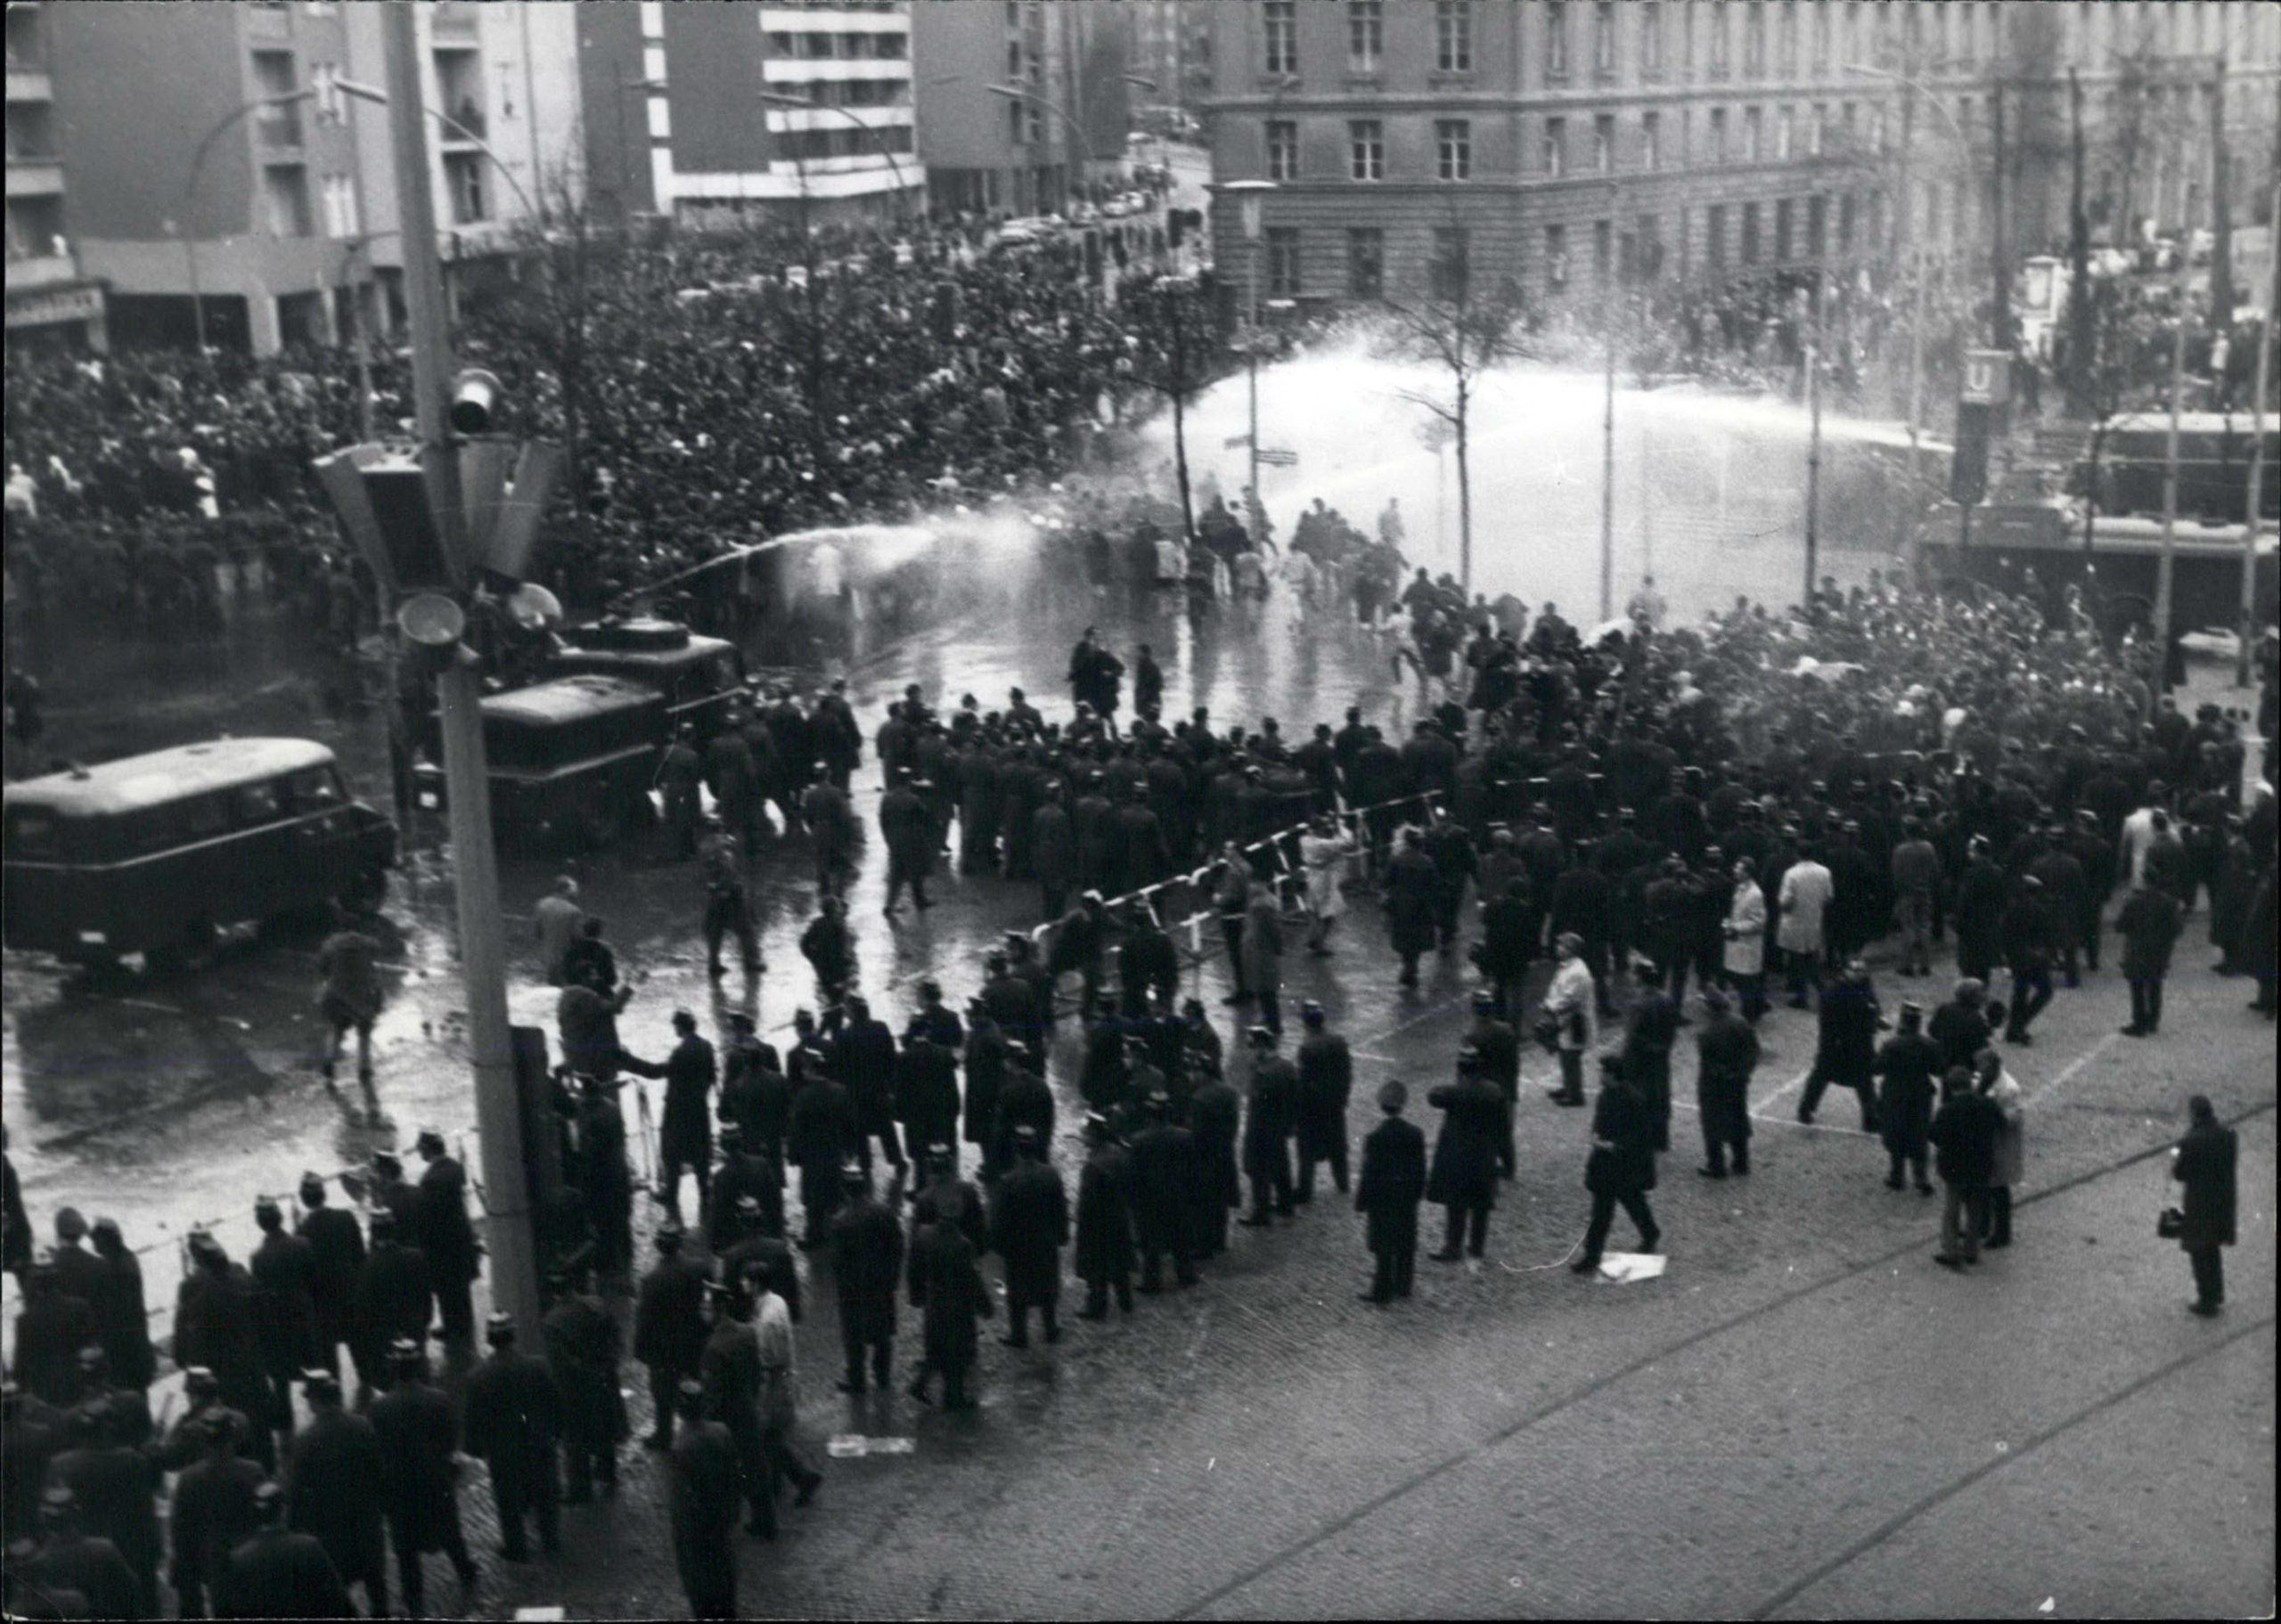 West-Berlin, 1968 – Demo nach dem Anschlag auf Rudi Dutschke. Foto: Imago/Zuma/Keystone